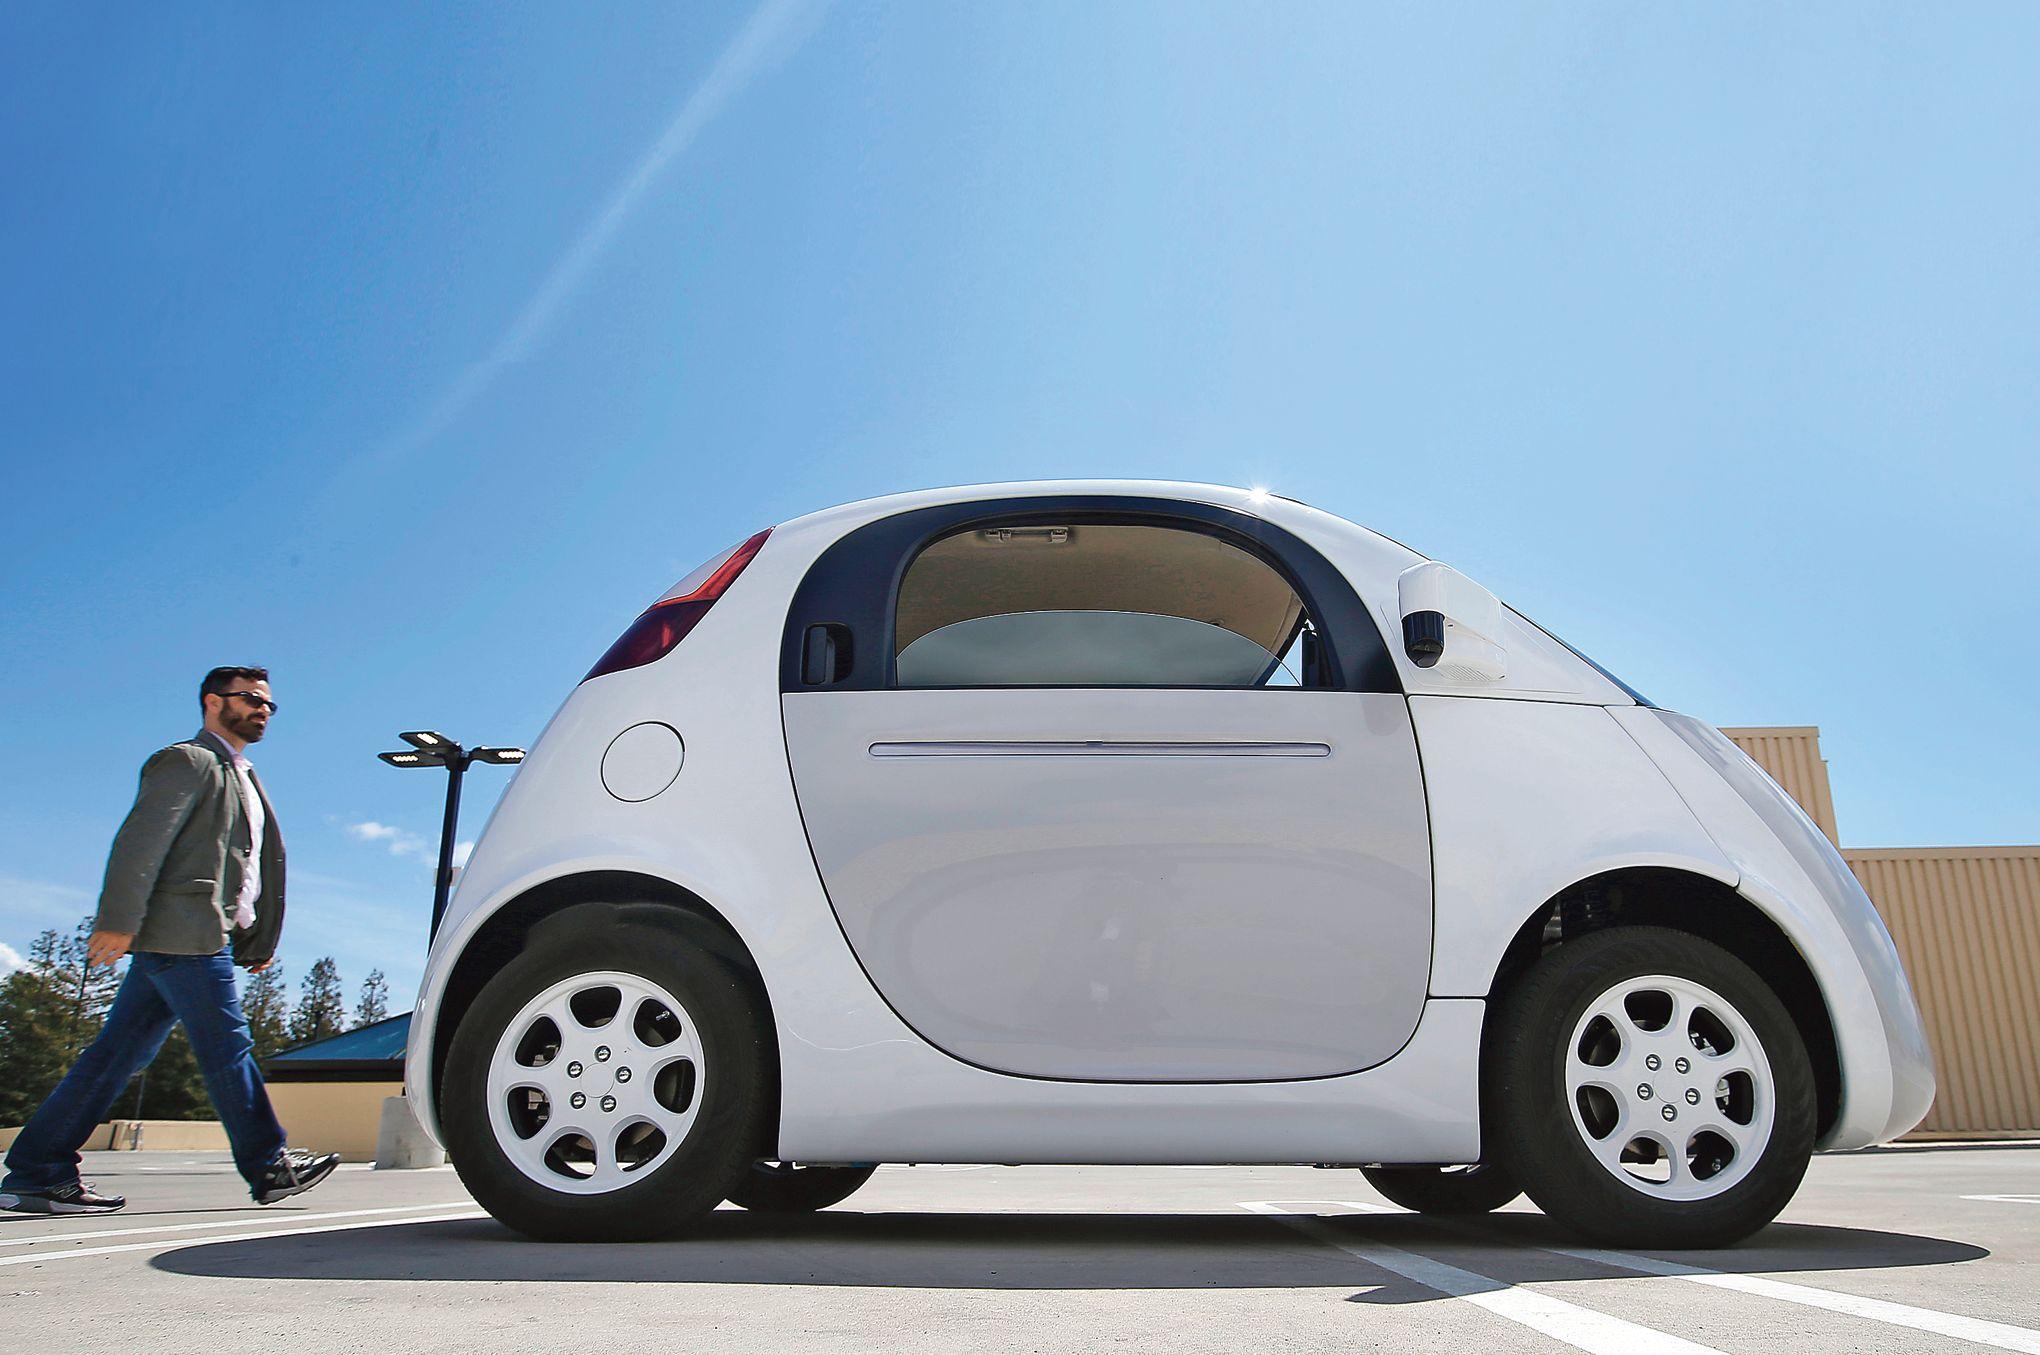 la voiture sans chauffeur cheval de troie pour google et apple. Black Bedroom Furniture Sets. Home Design Ideas